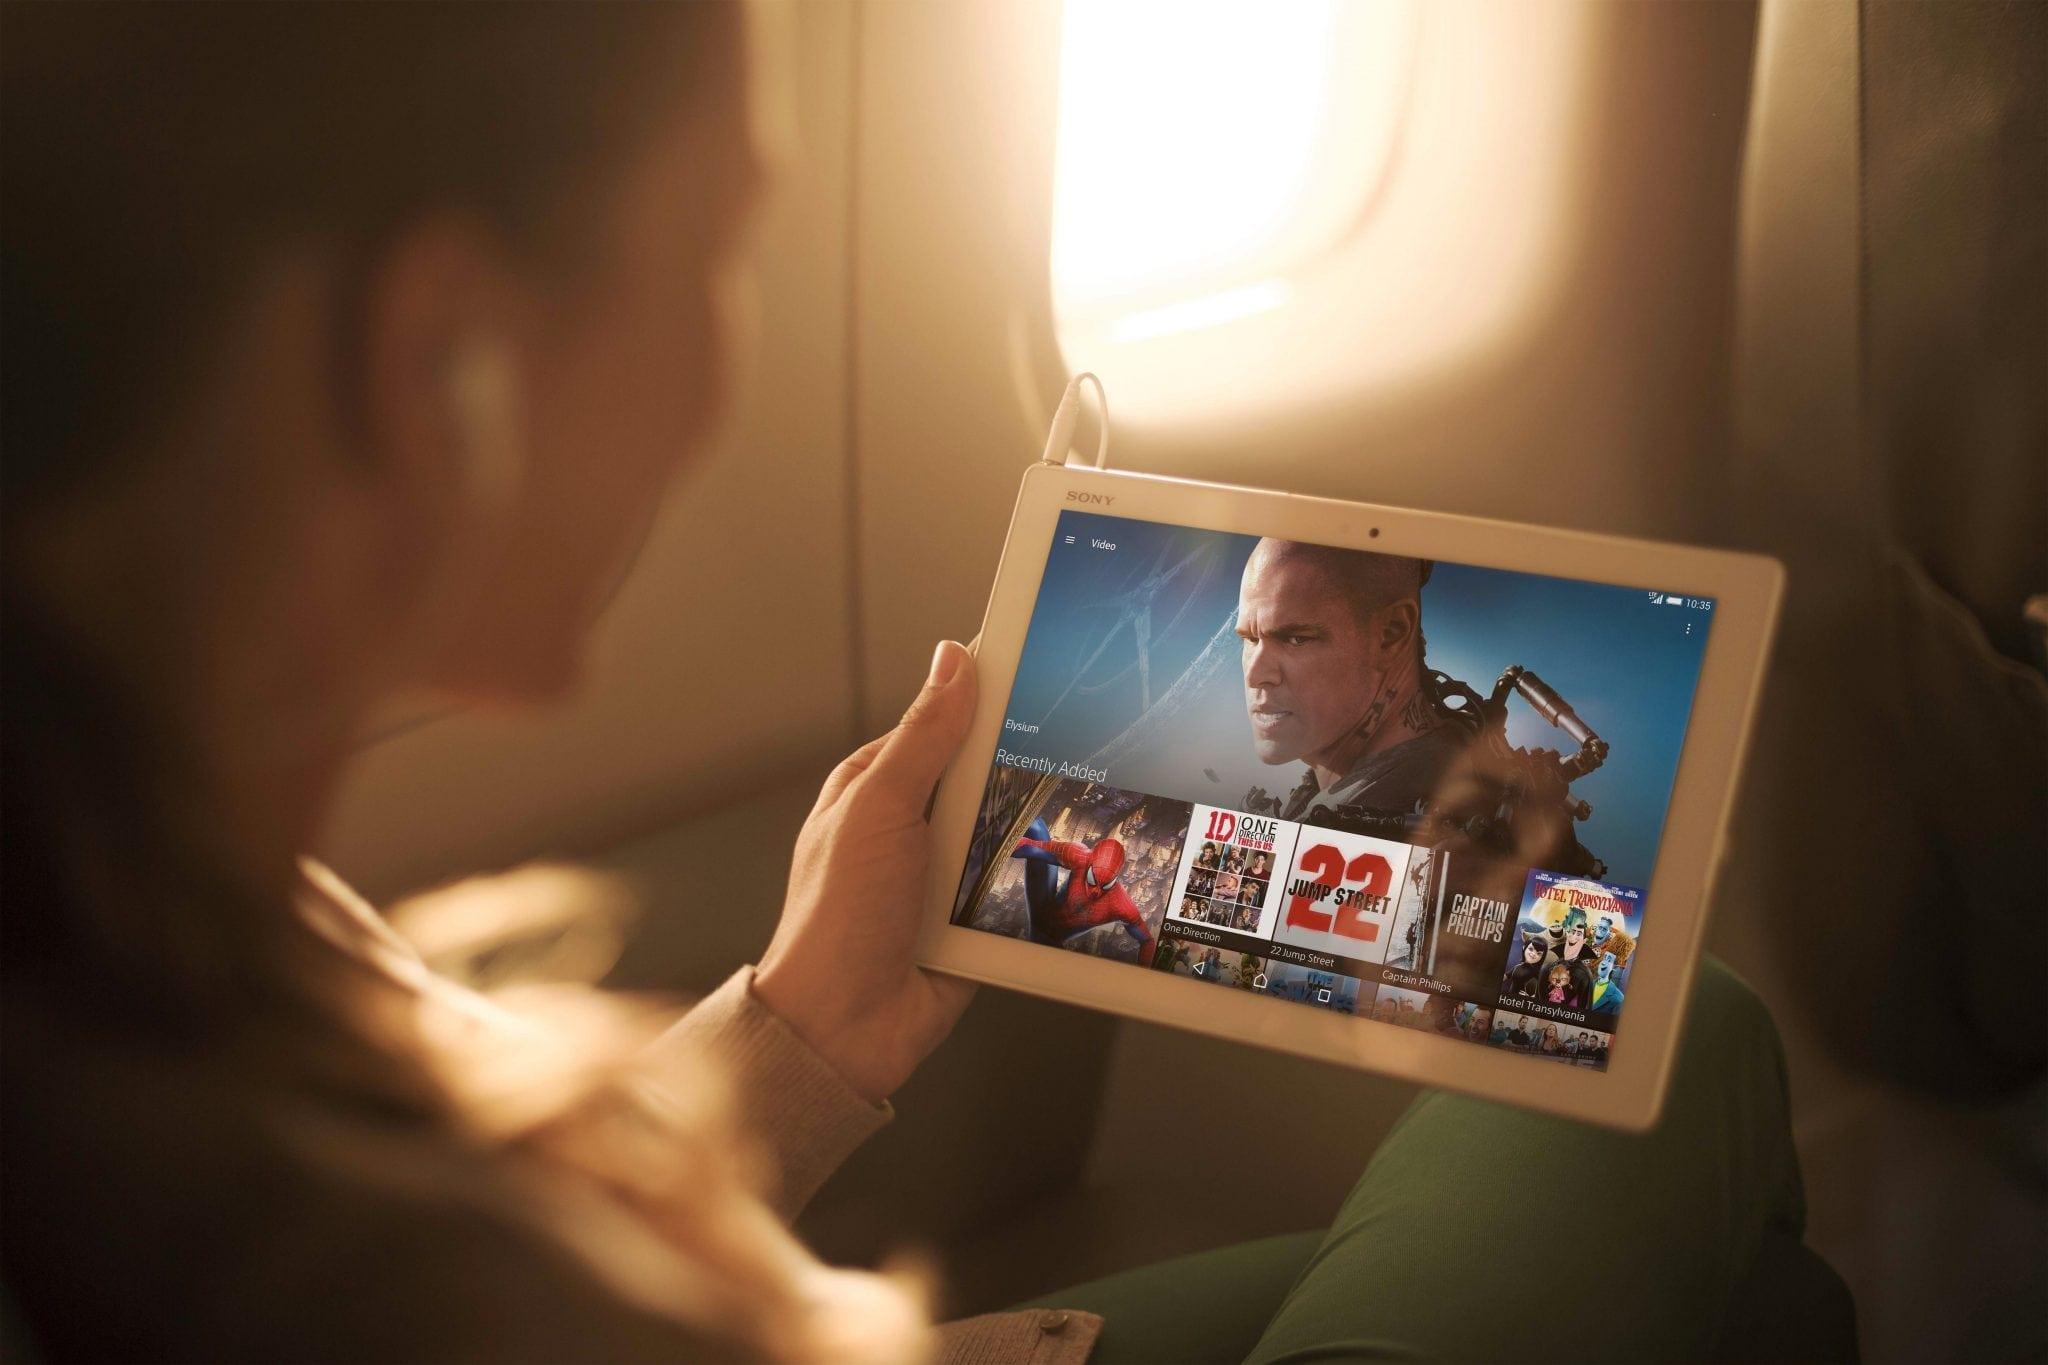 Deții o tabletă? Iată cele mai bune recomandări pentru o configurare perfectă!